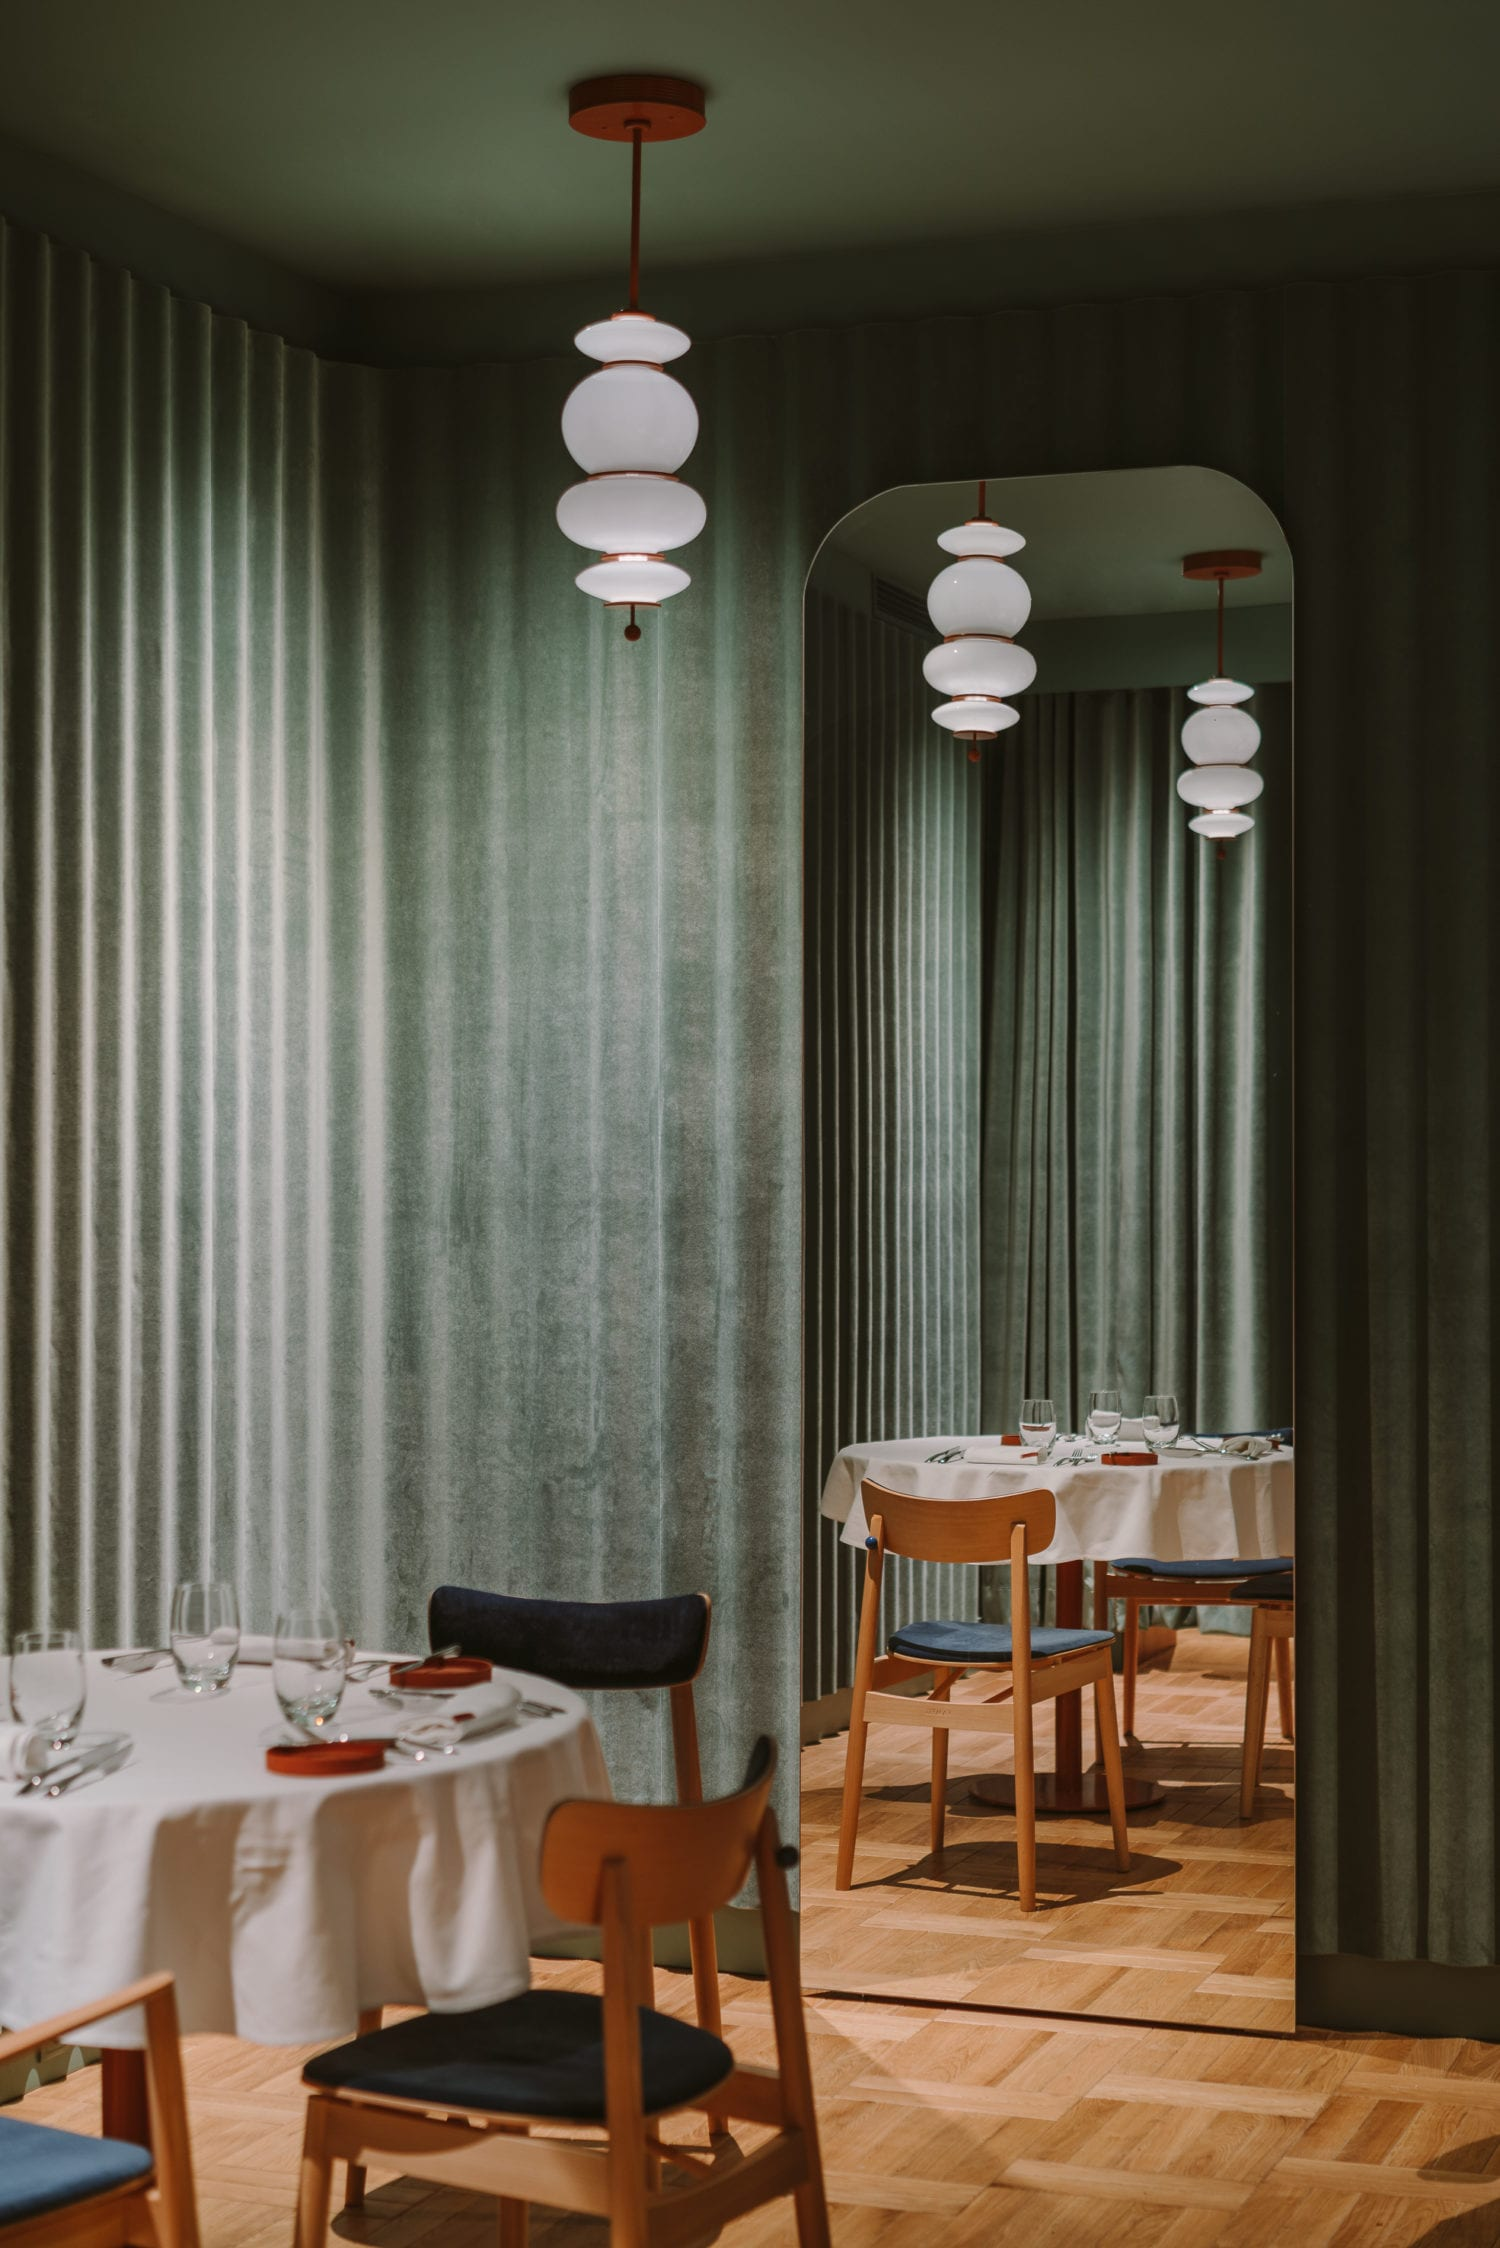 Opasły Tom Restaurant in Warsaw, Poland by BUCK.STUDIO | Yellowtrace